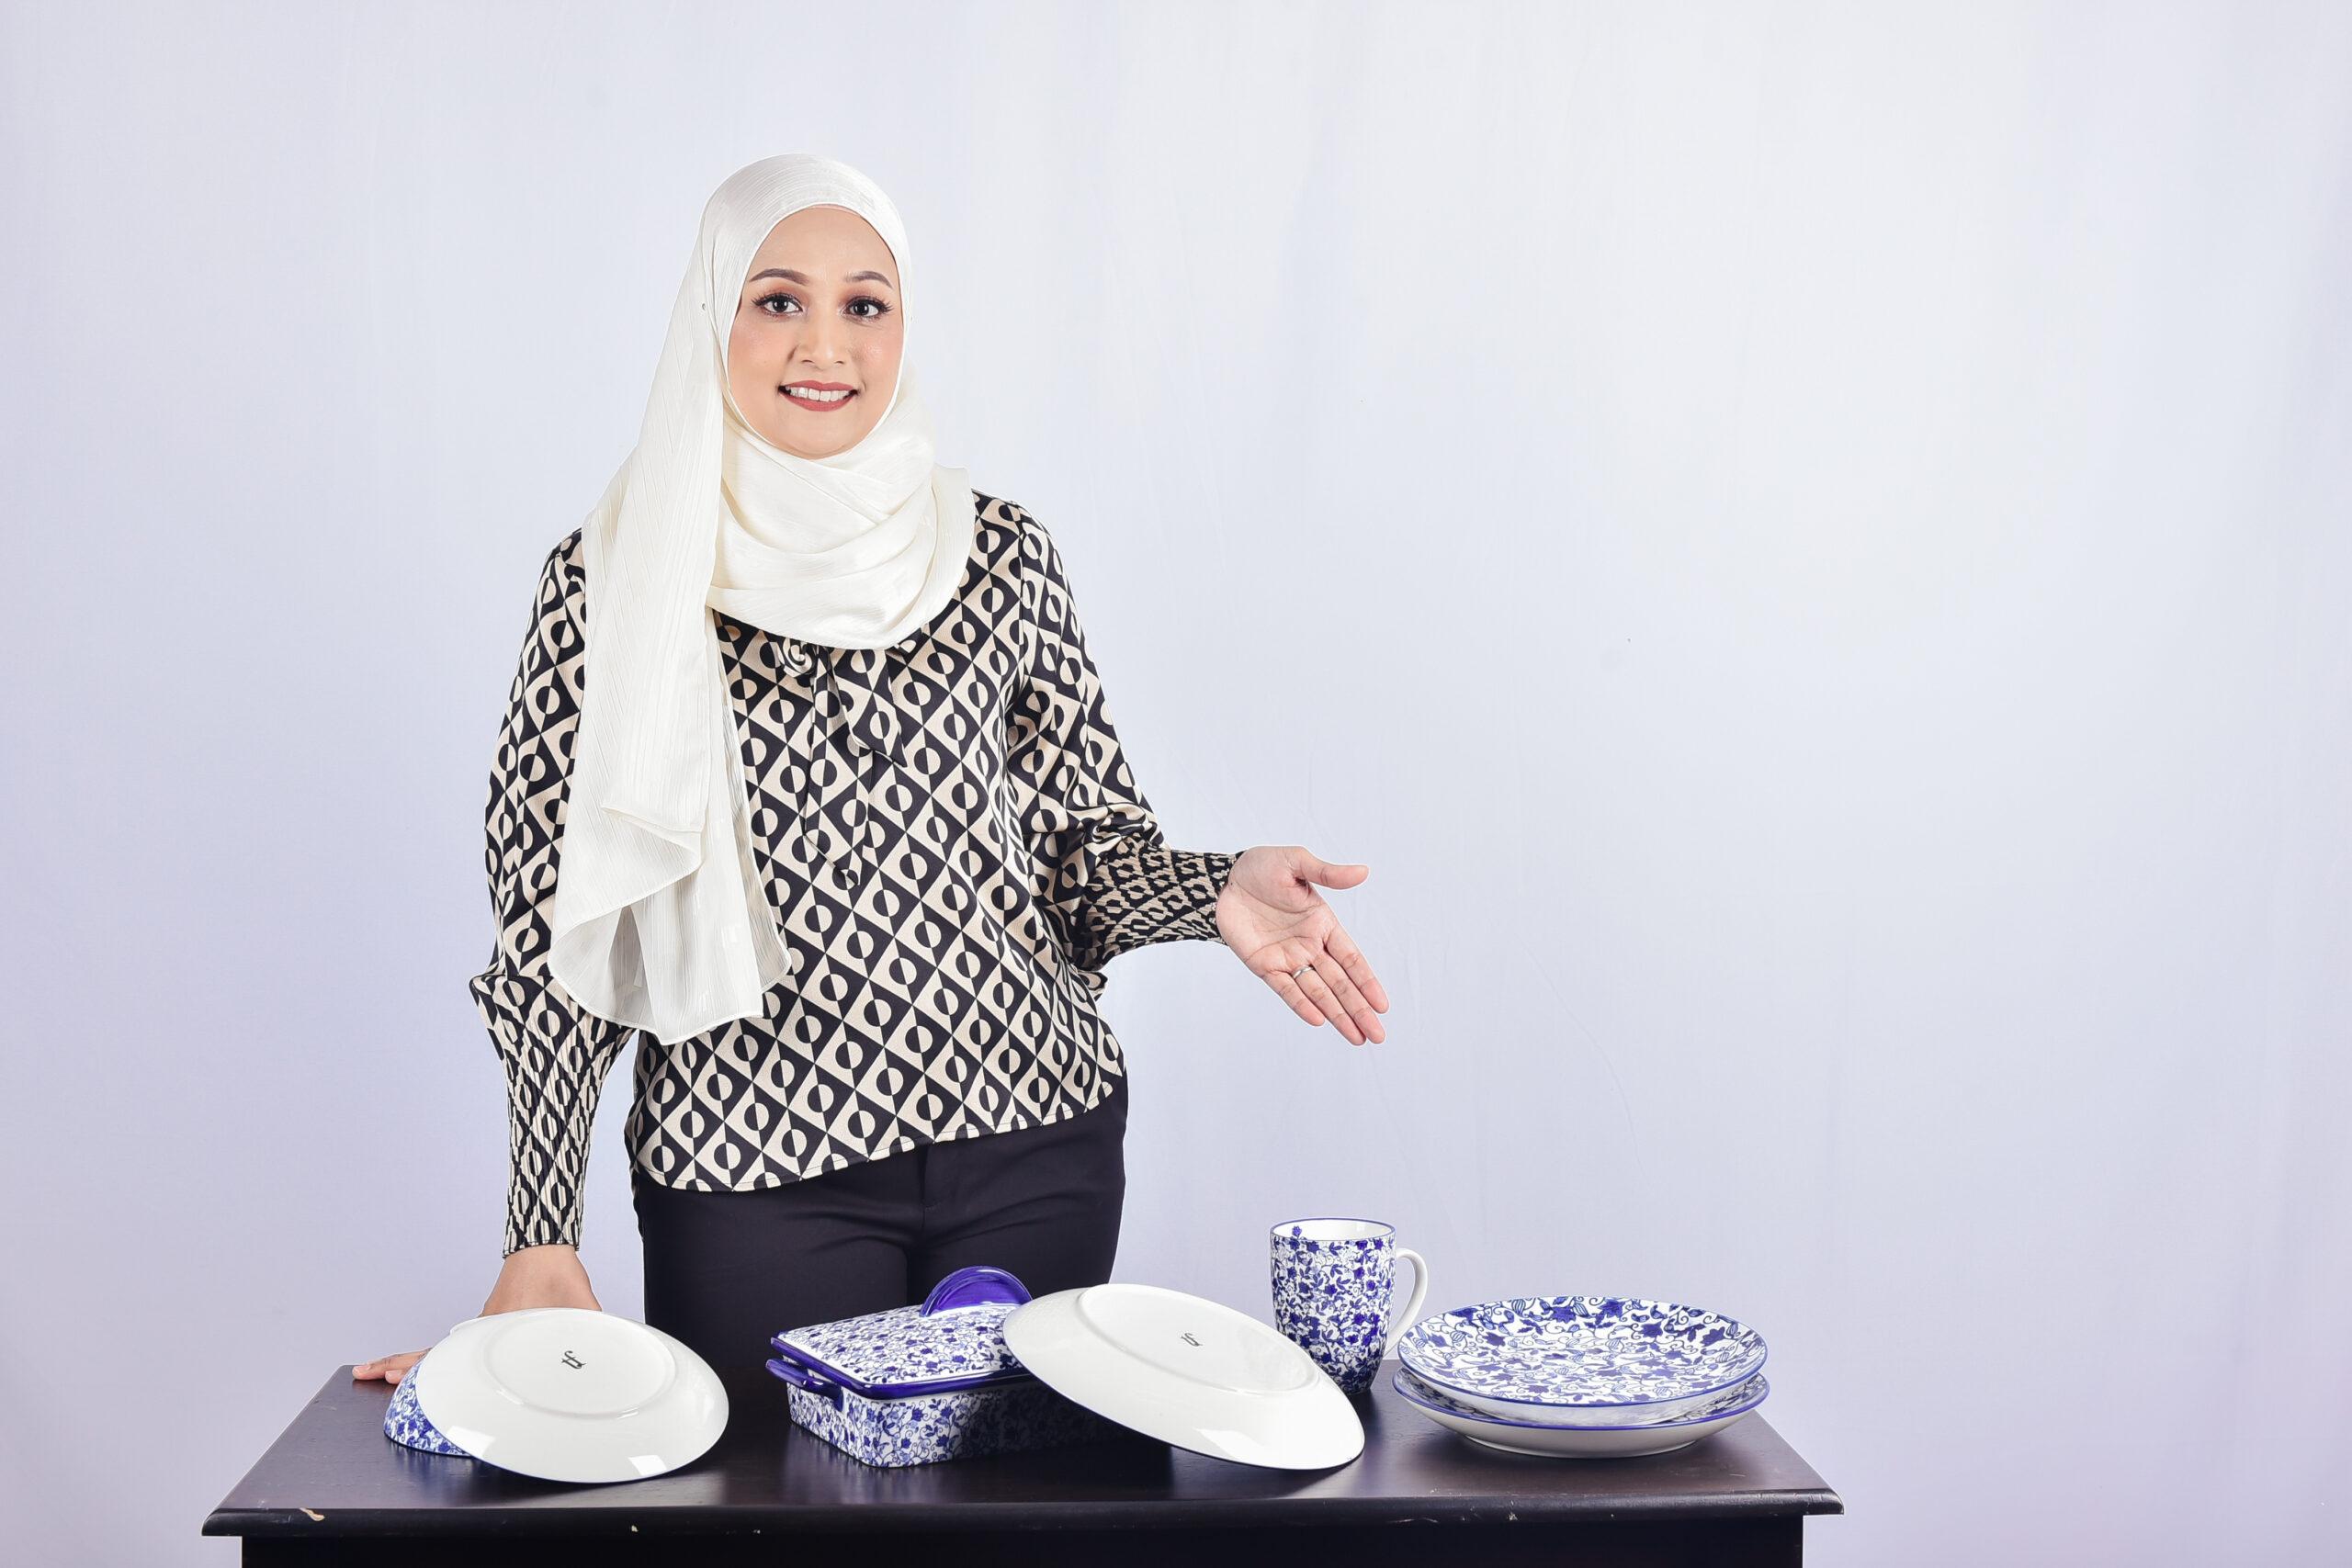 Tengku Fieza kini meletakkan sasaran untuk lebih mempelbagaikan produk-produk KHO di bawah jenama TF miliknya